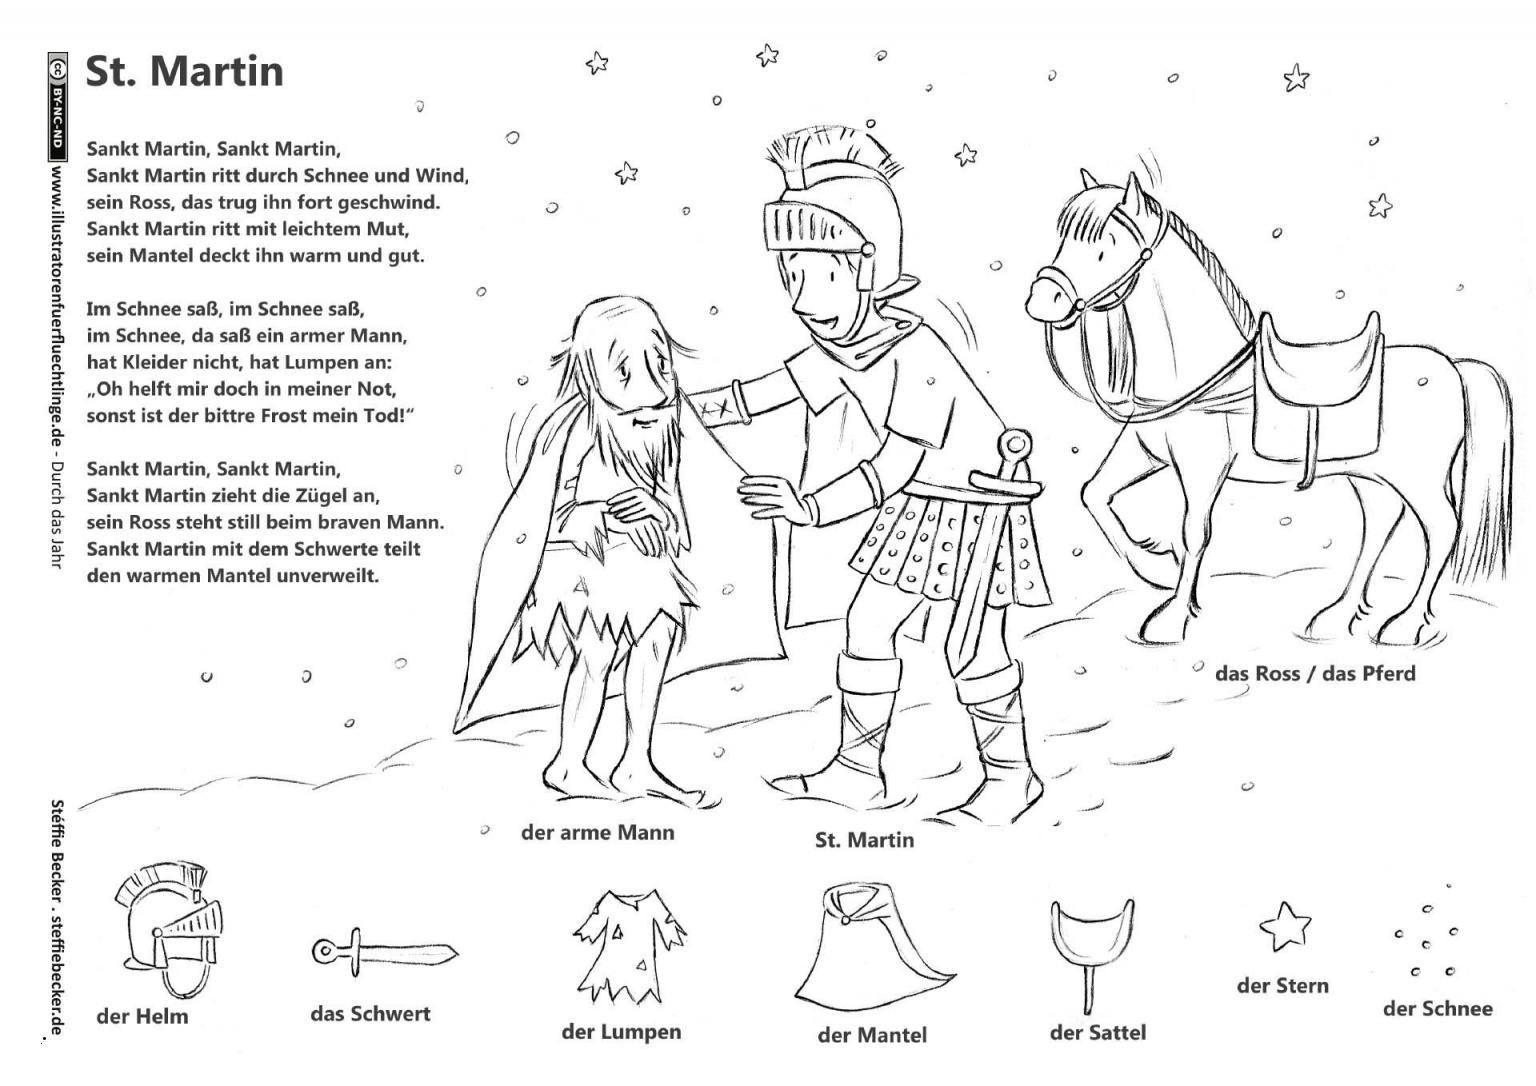 My Little Pony Friendship is Magic Ausmalbilder Einzigartig König Der Löwen Malvorlagen Elegant 50 Ausmalbilder Zum Ausdrucken Bild